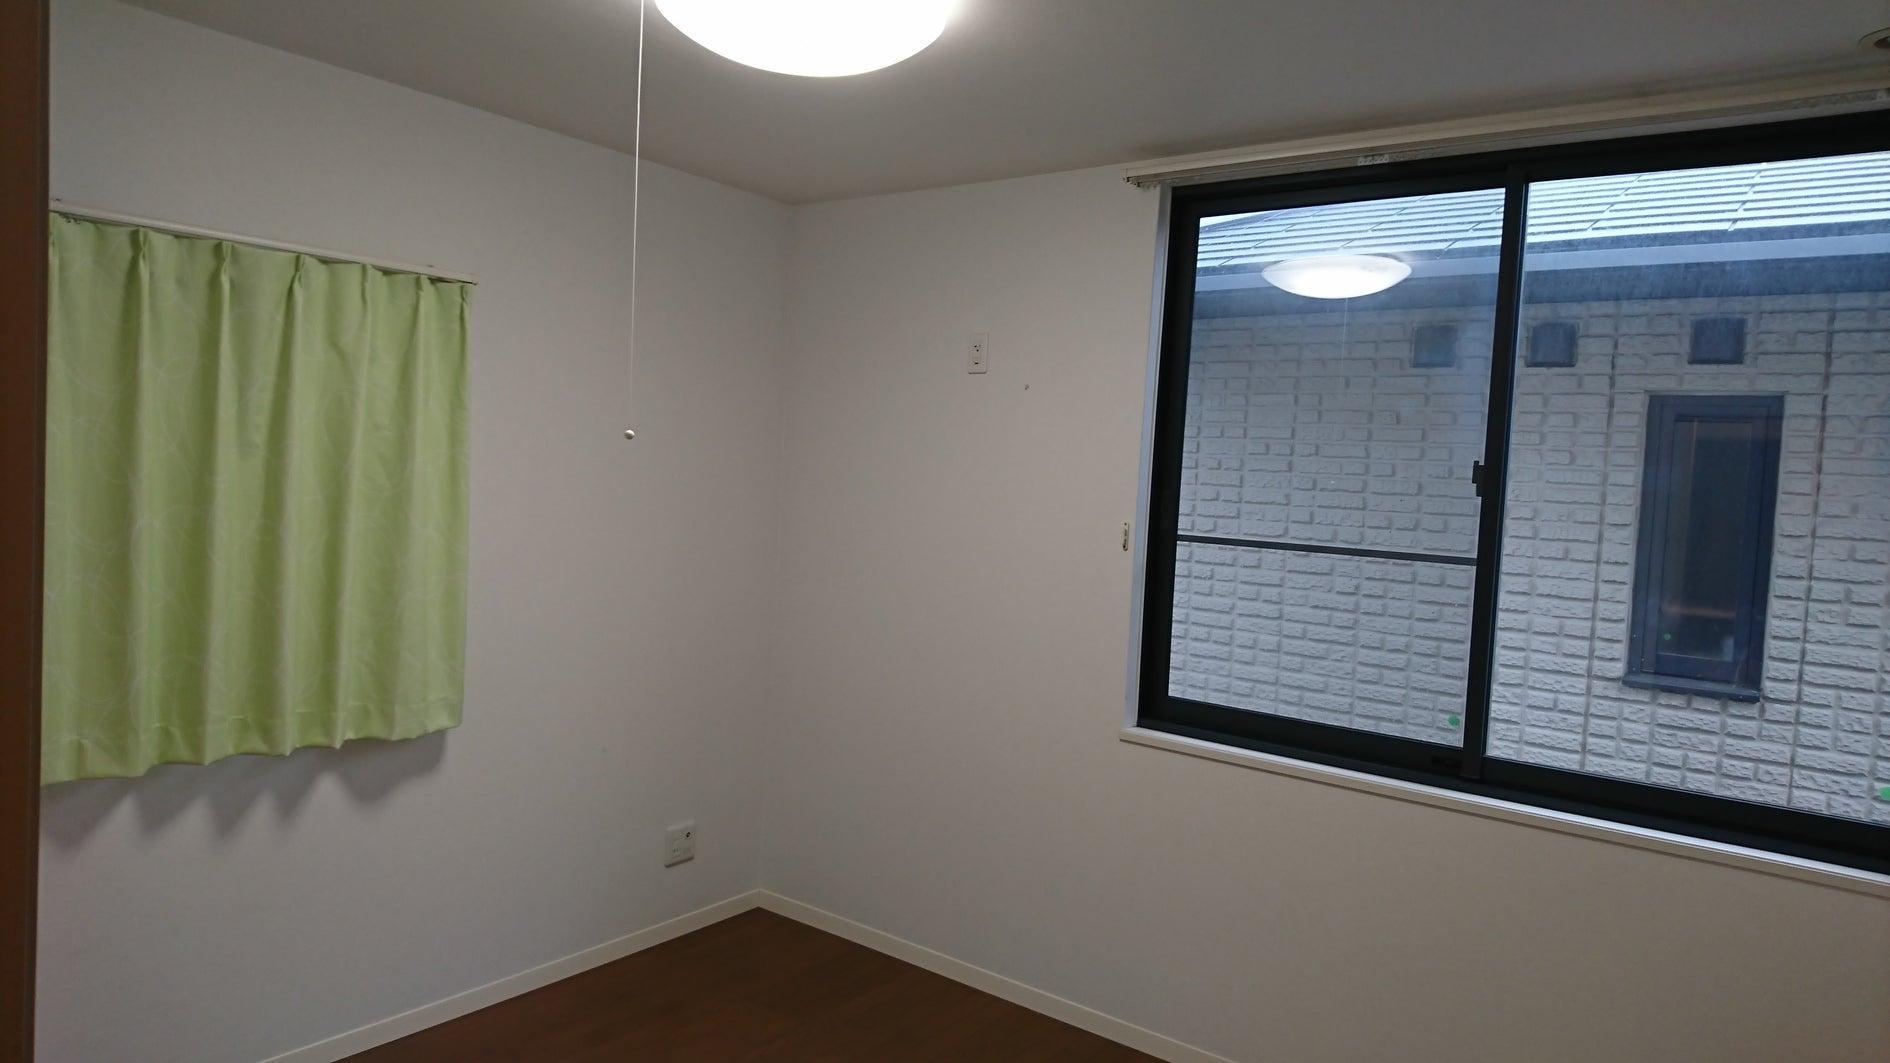 空き部屋(洋室)/演奏の個人練習、合唱、作業スペースなどに!(一戸建て住居の空き部屋) の写真0